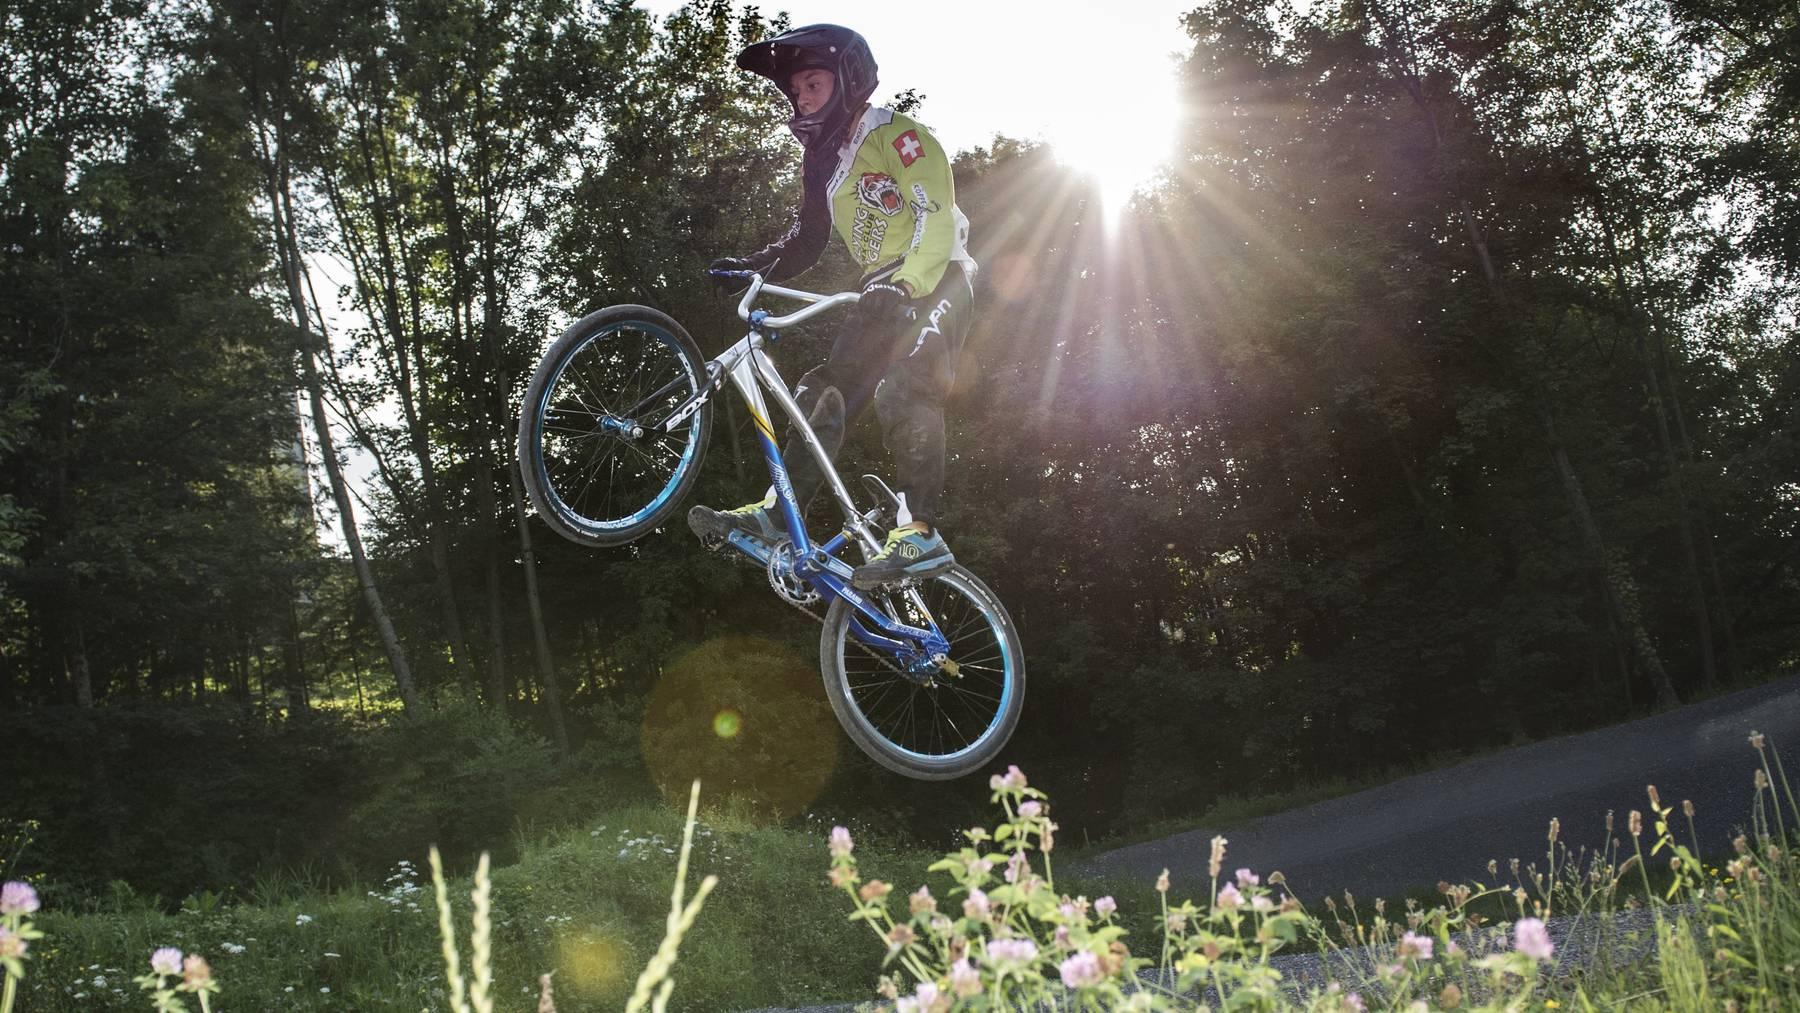 Die Flying Tigers trainierten die letzten Monate auf der BMX-Bahn der Bike Hunters im st. gallischen Goldach, doch jetzt haben sie wieder ihren eigenen Kurs in Weinfelden